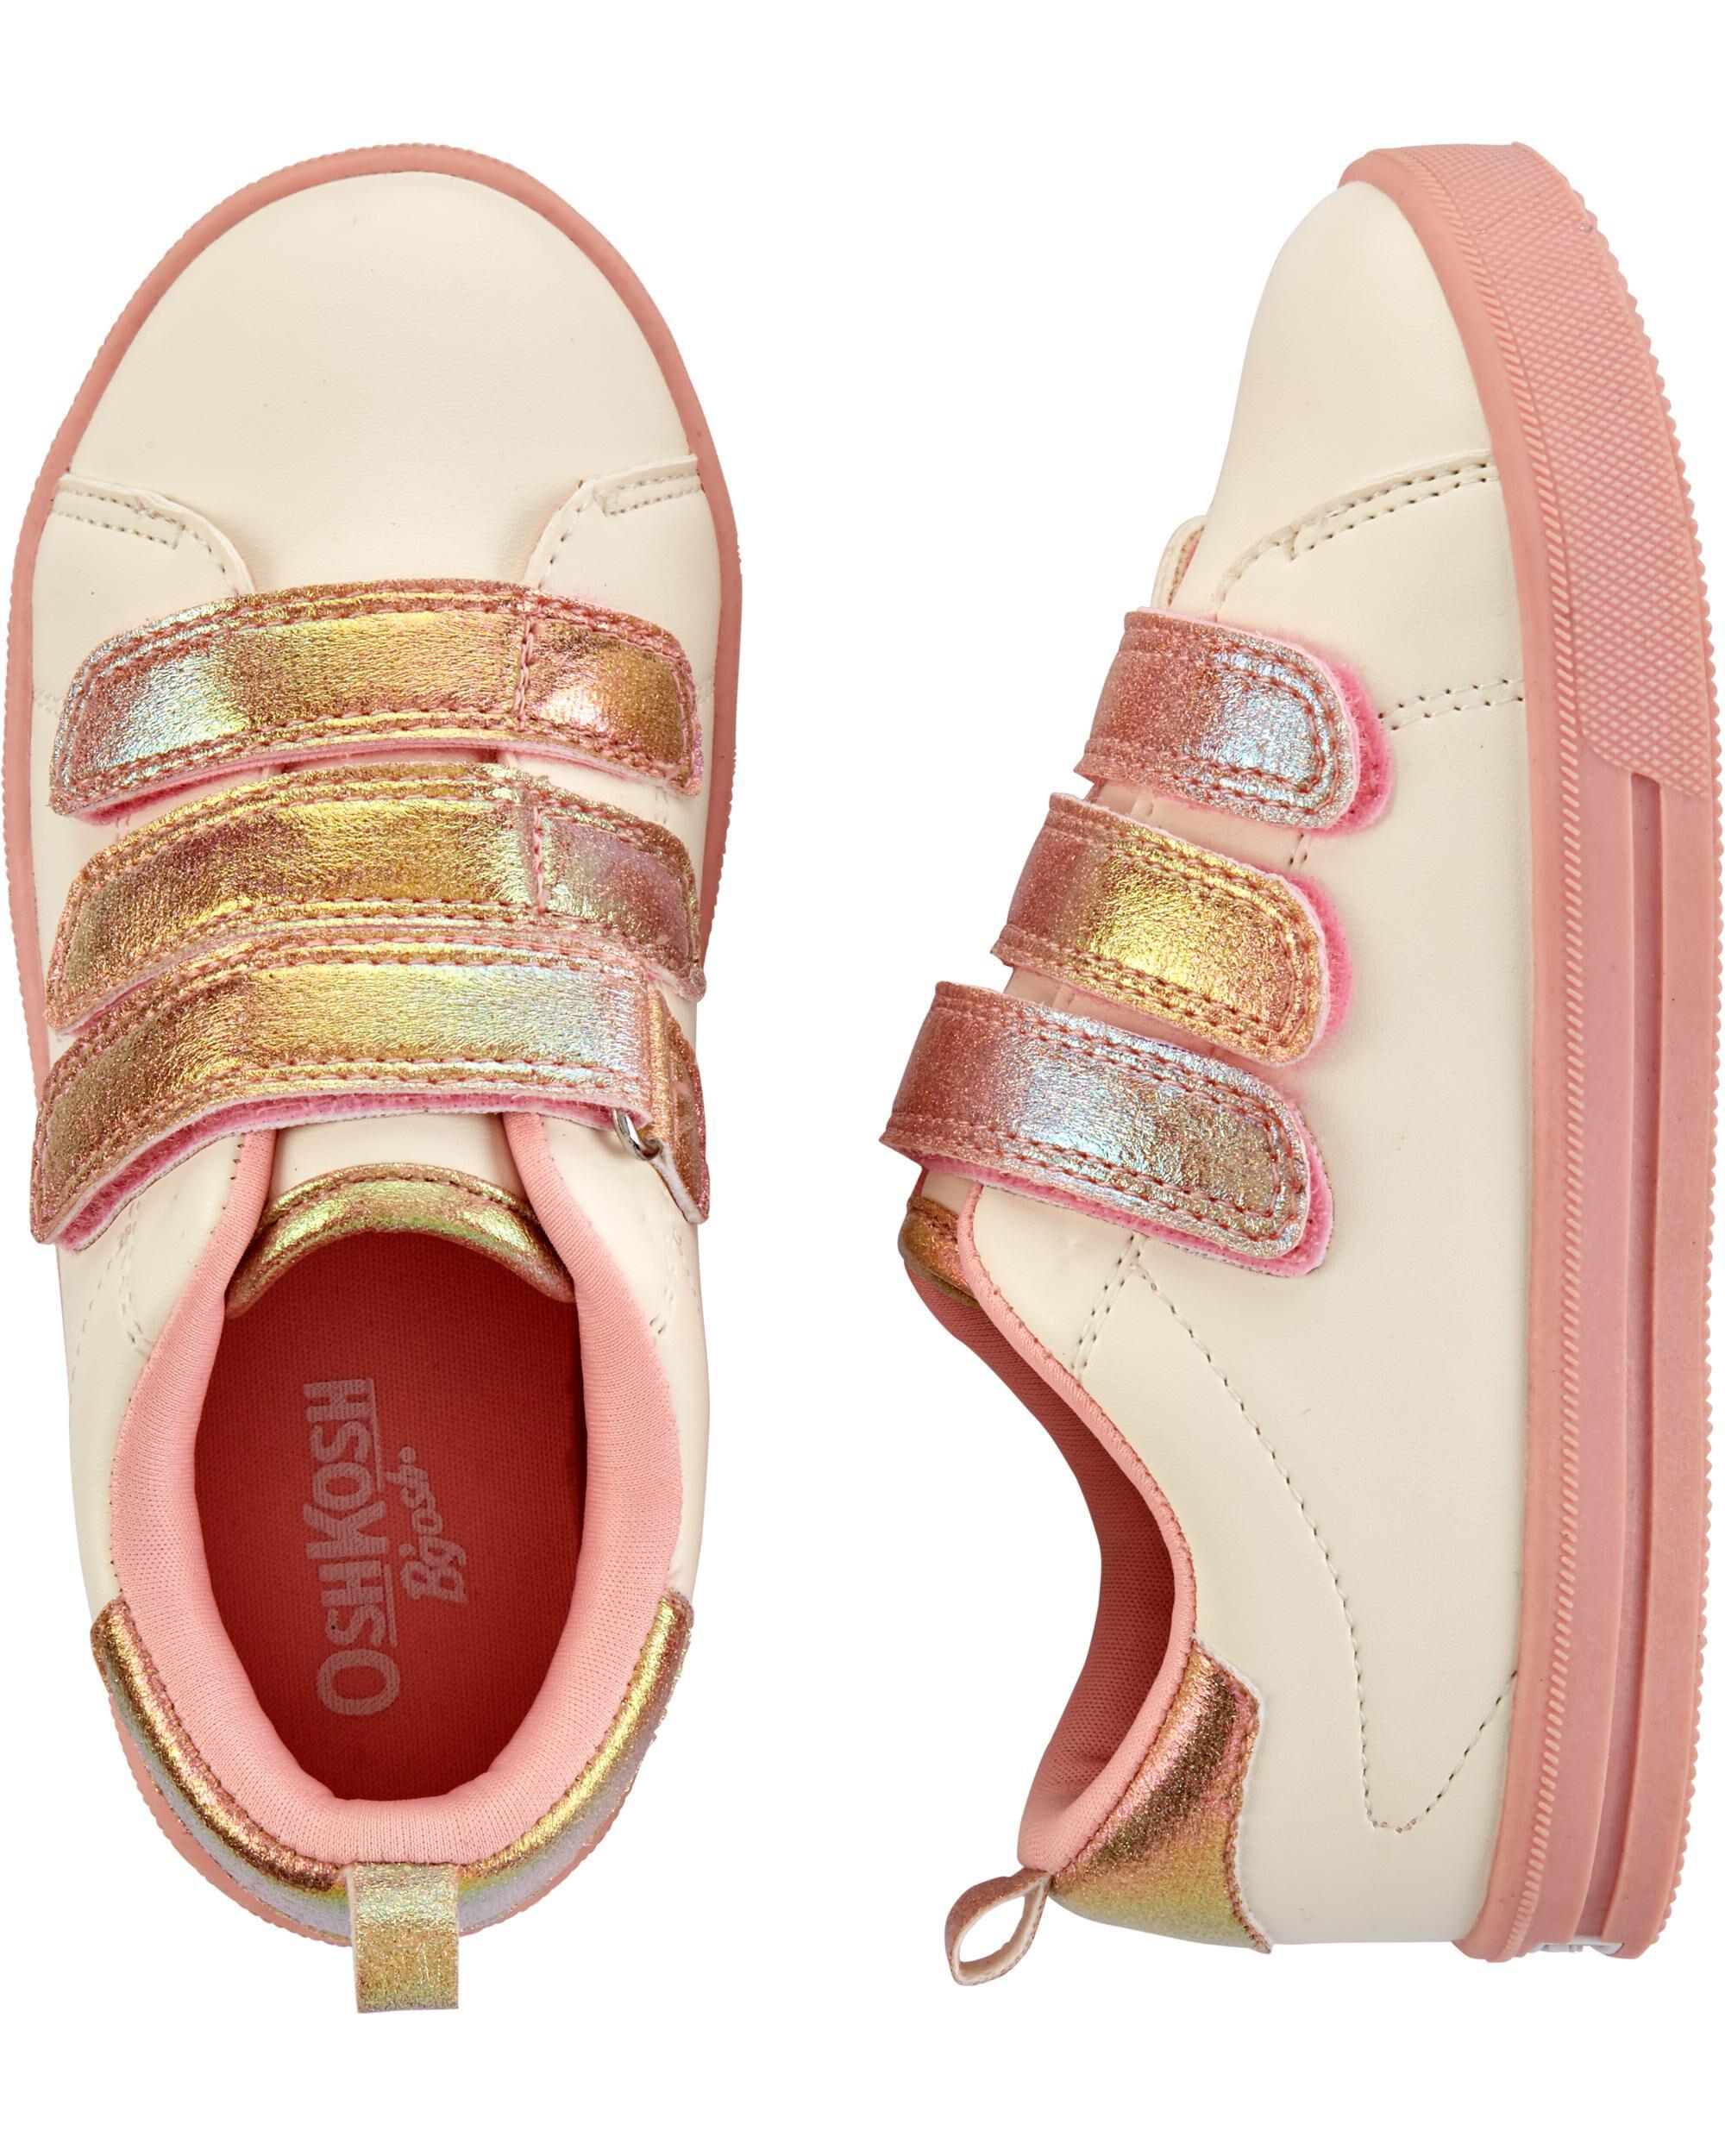 *DOORBUSTER*White Triple Strap Sneakers